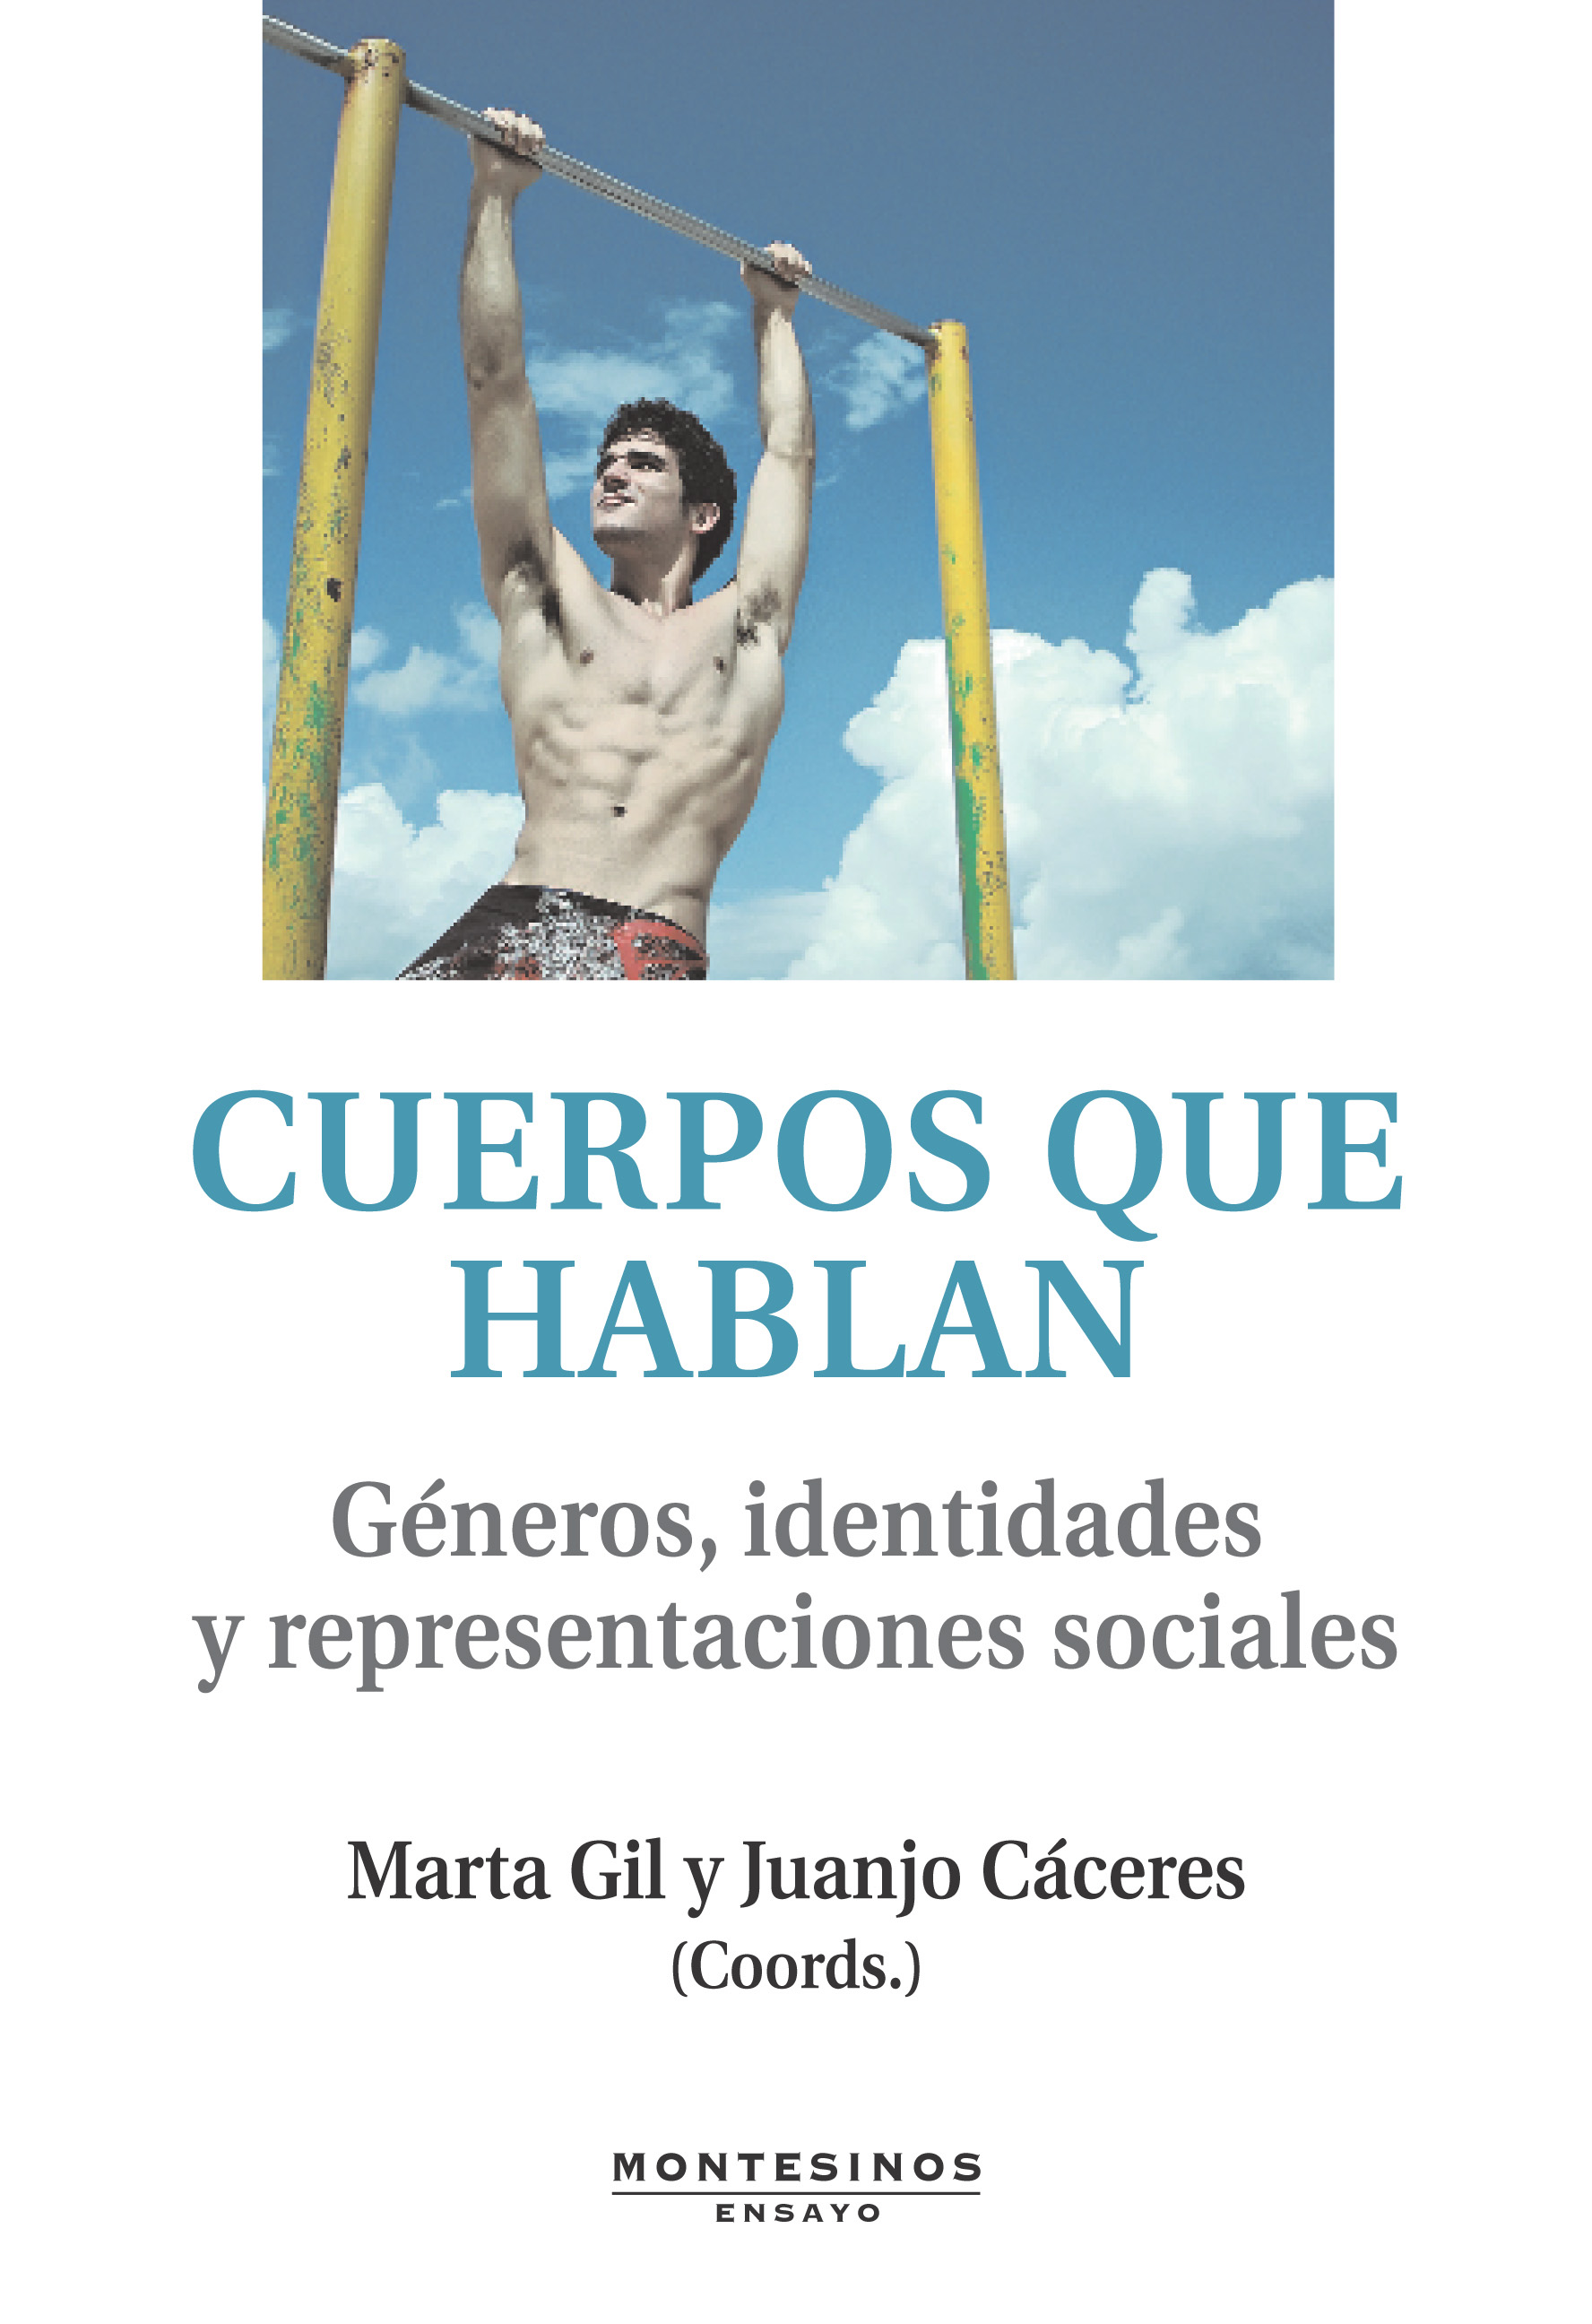 CUERPOS QUE HABLAN : GÉNEROS, IDENTIDADES Y REPRESENTACIONES SOCIALES